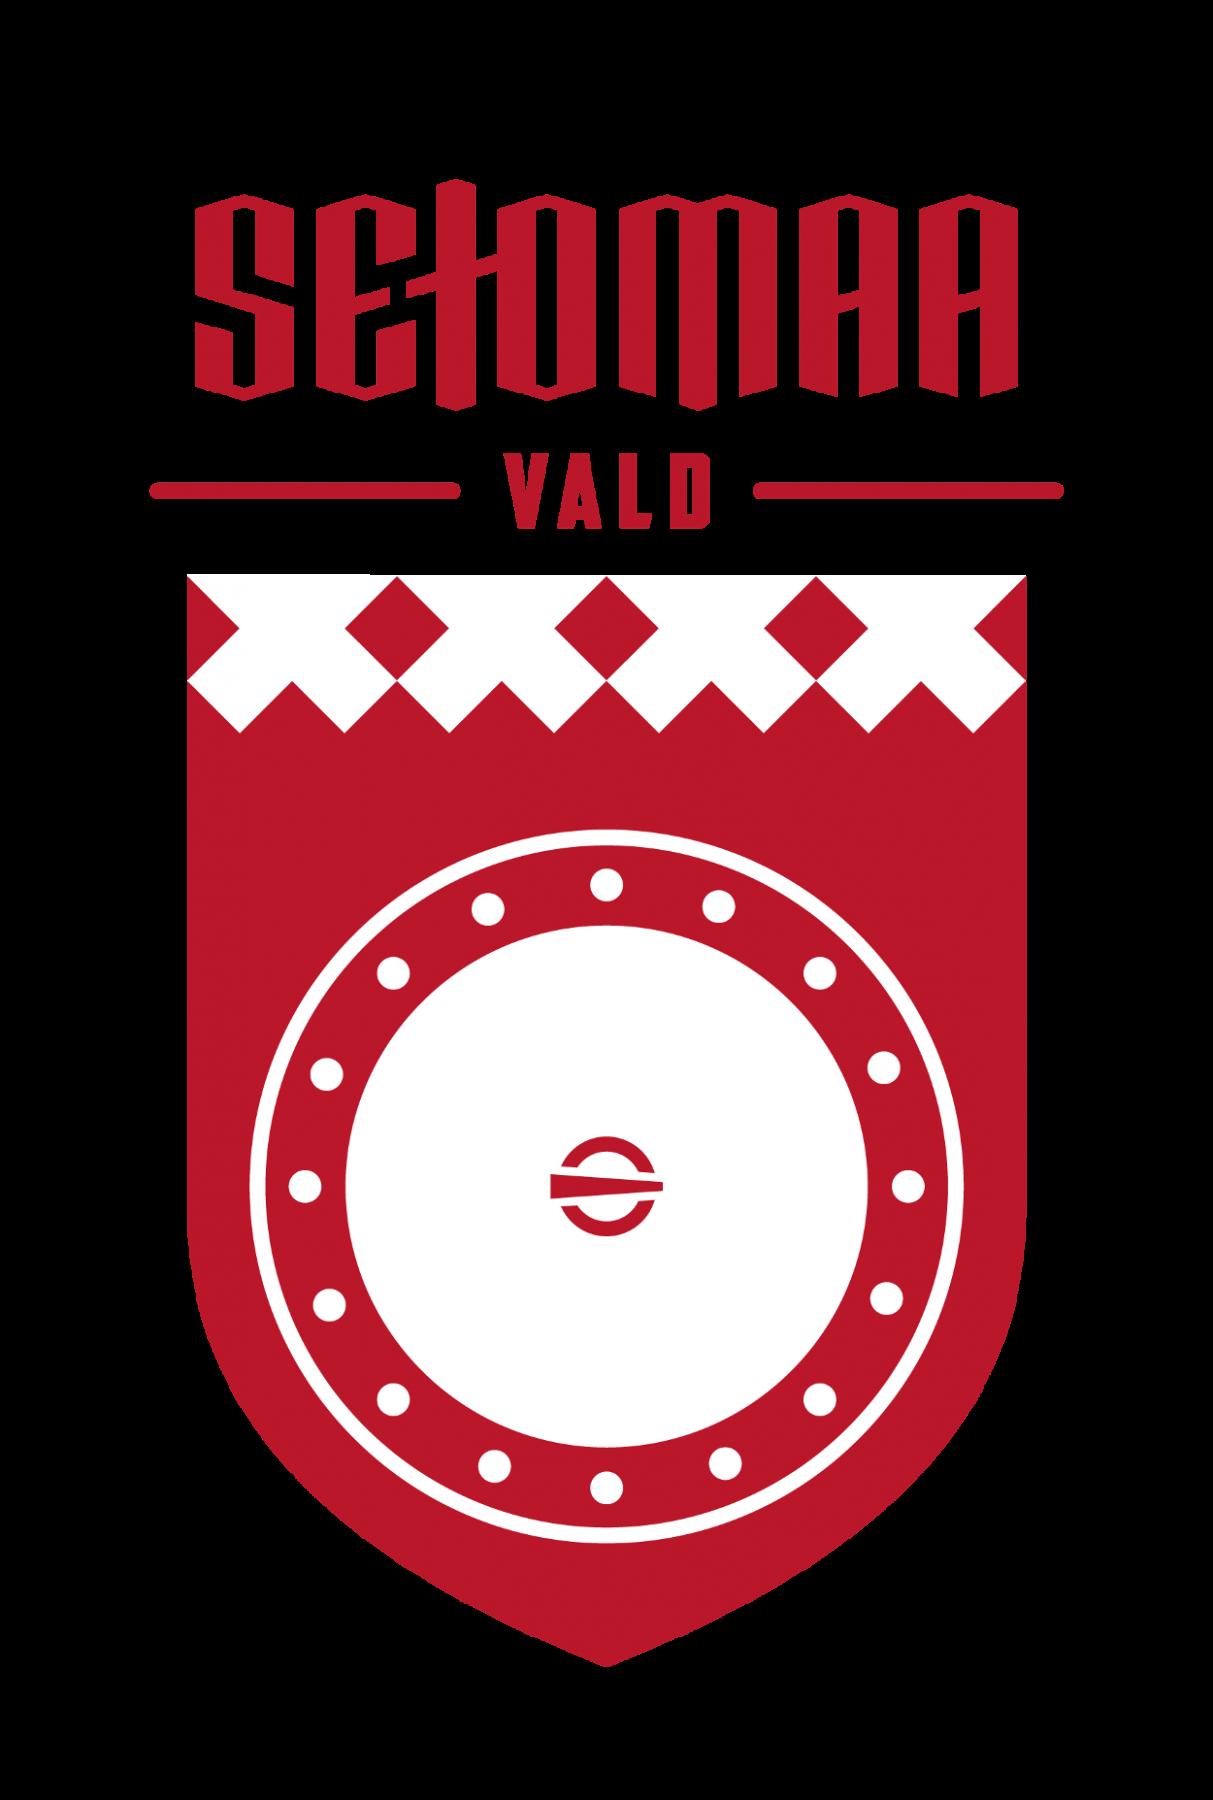 SetomaaVallaVapp-07